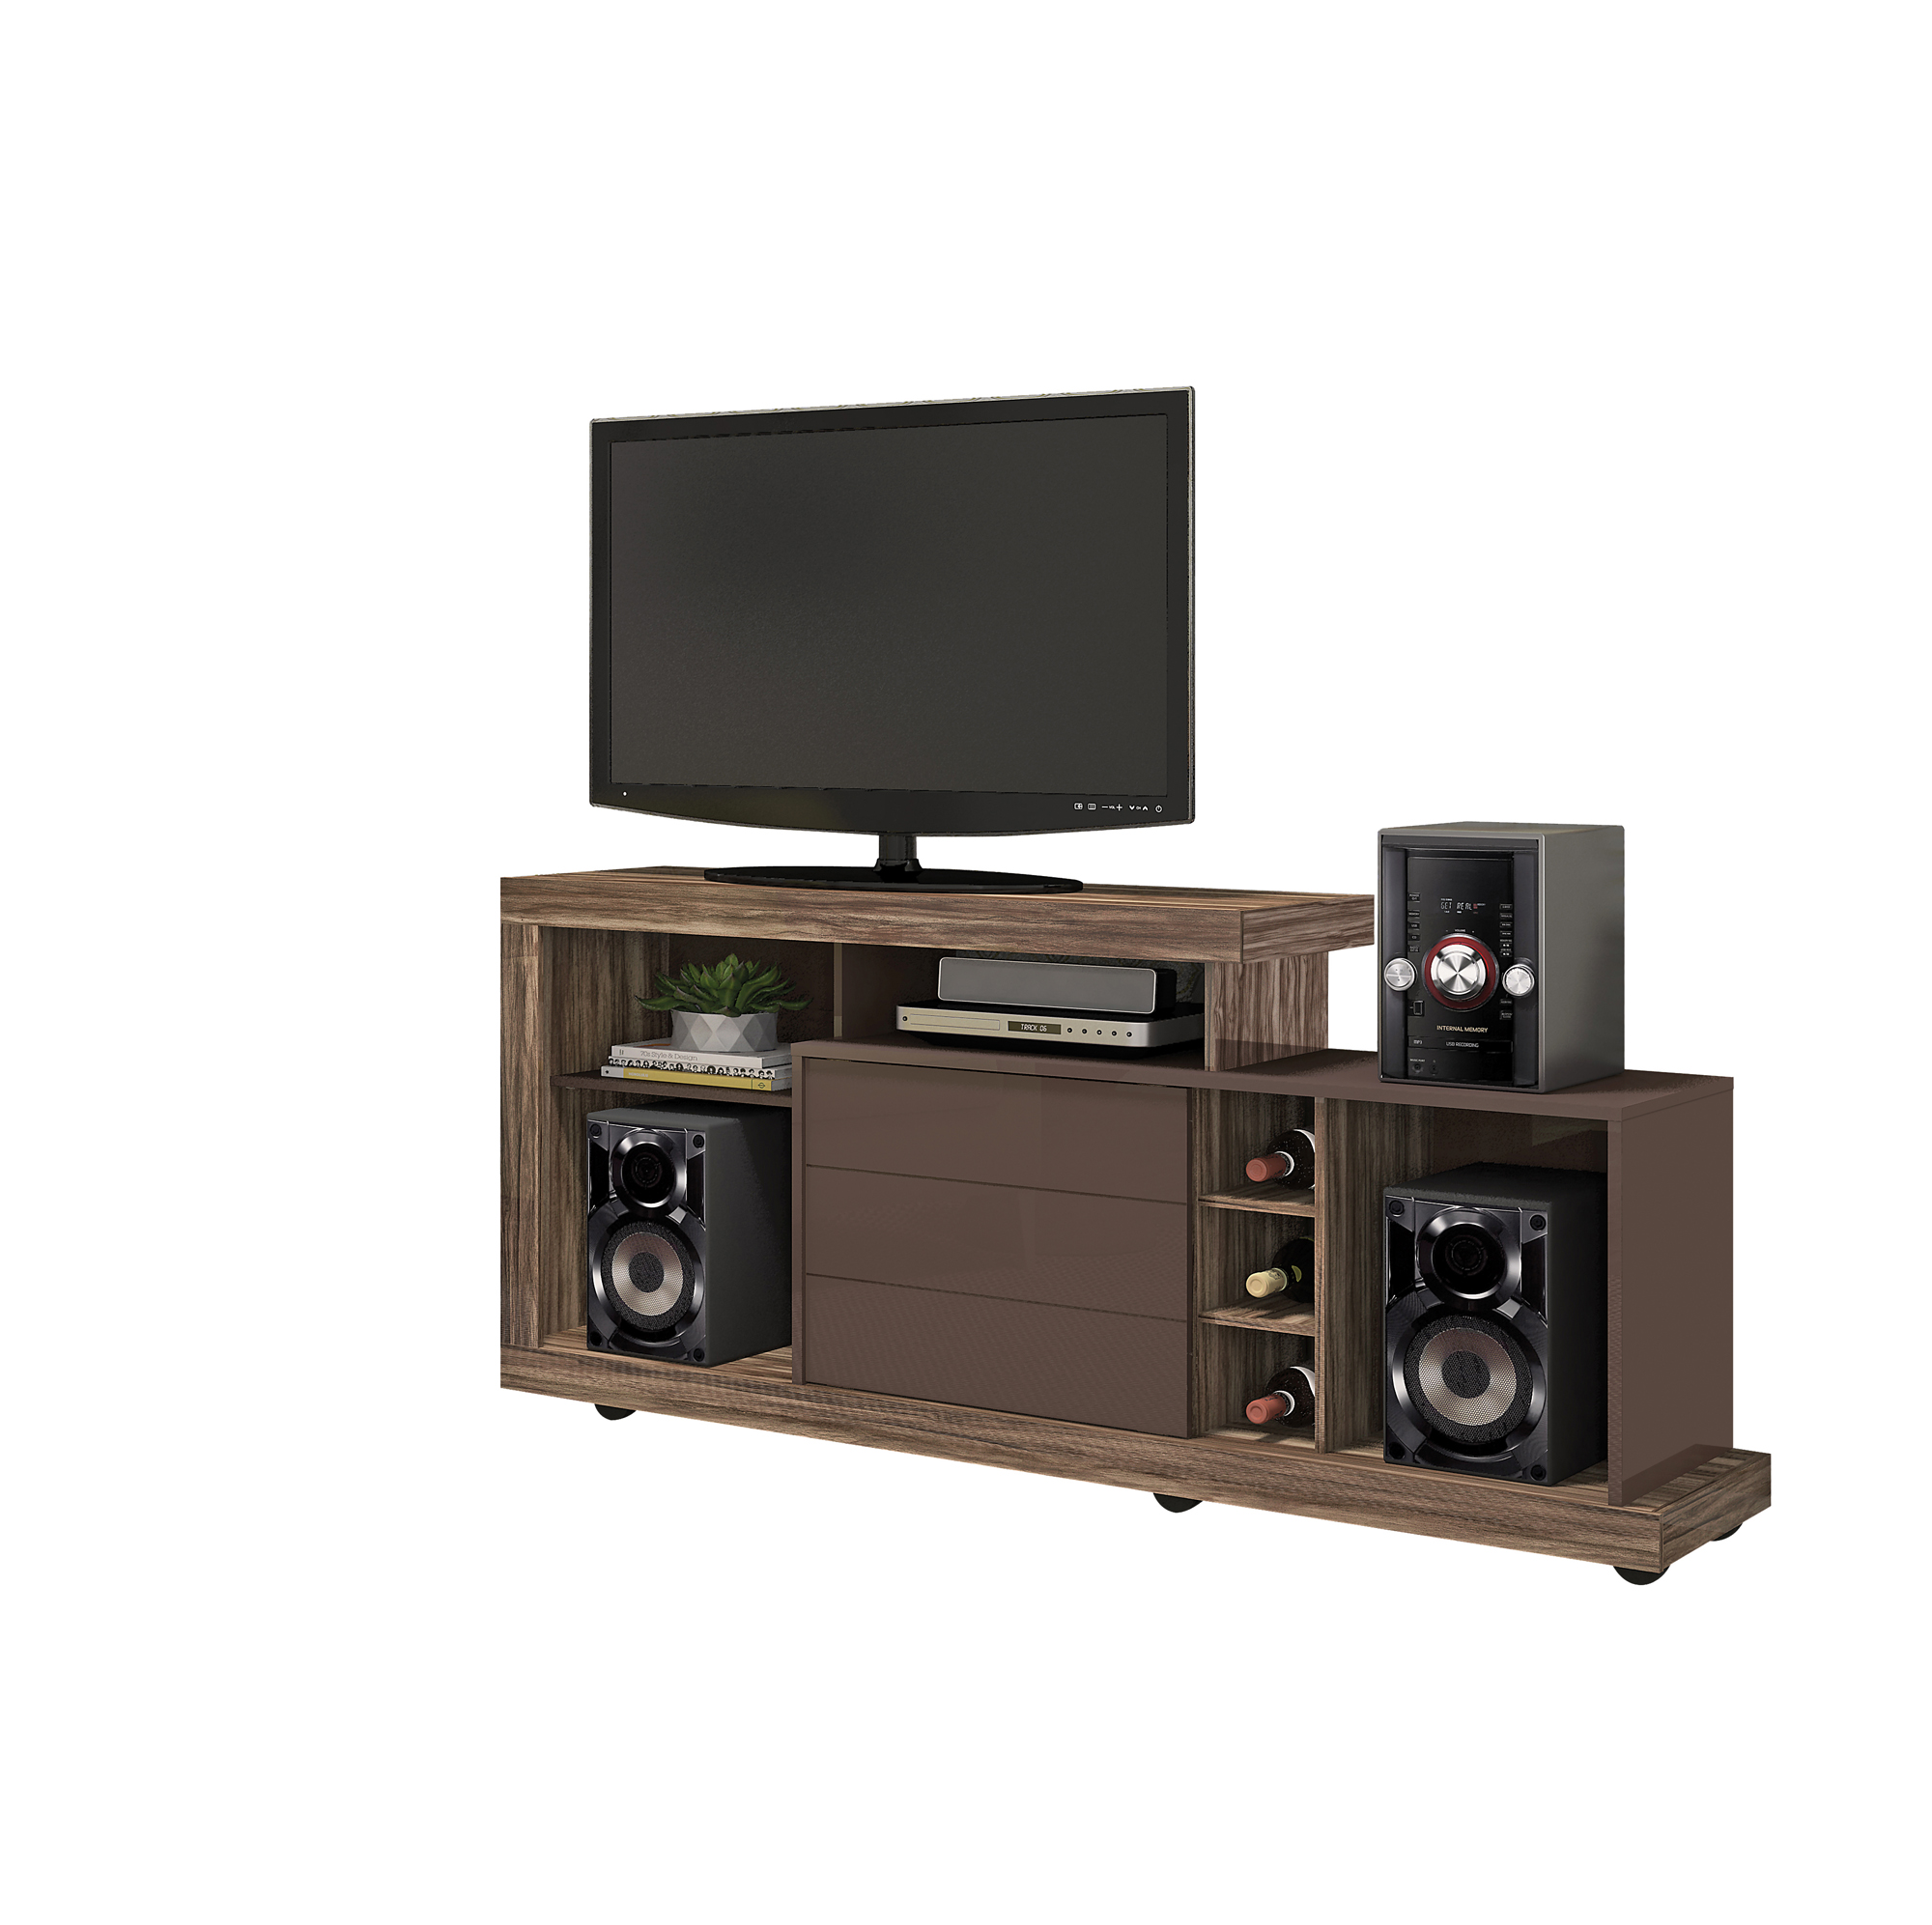 Mueble Para Tv Pantalla Equipo De Sonido Porto Cod 8105  Labnash